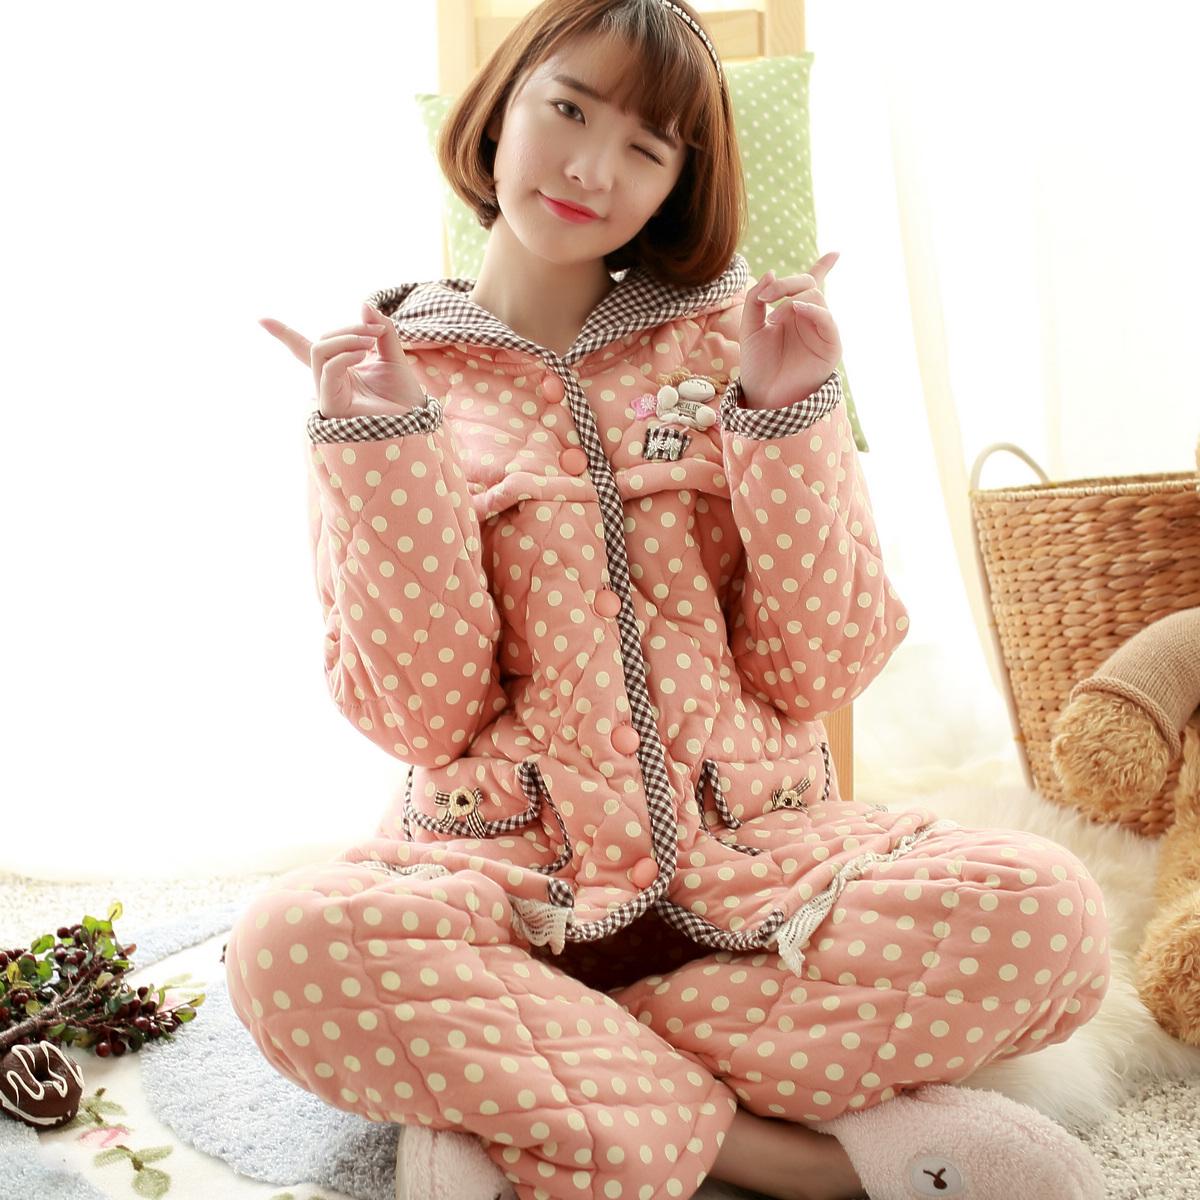 冬纯棉月子服加厚三层夹棉袄哺乳睡衣秋冬喂奶衣孕妇长袖哺乳套装